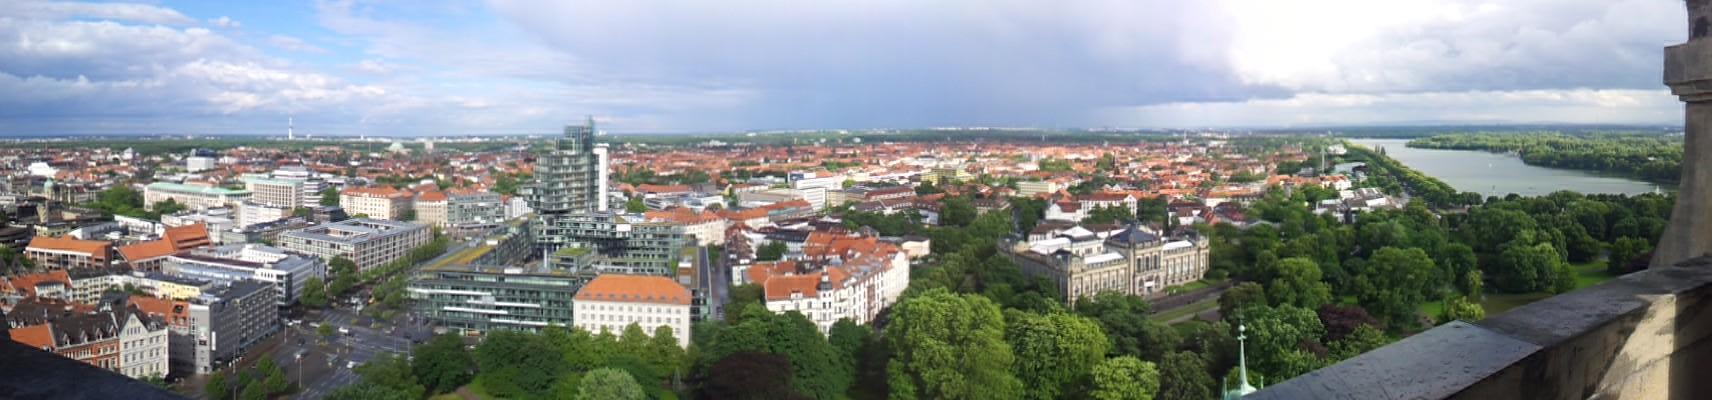 Blick vom Neuen Rathaus Richtung Süd-Osten